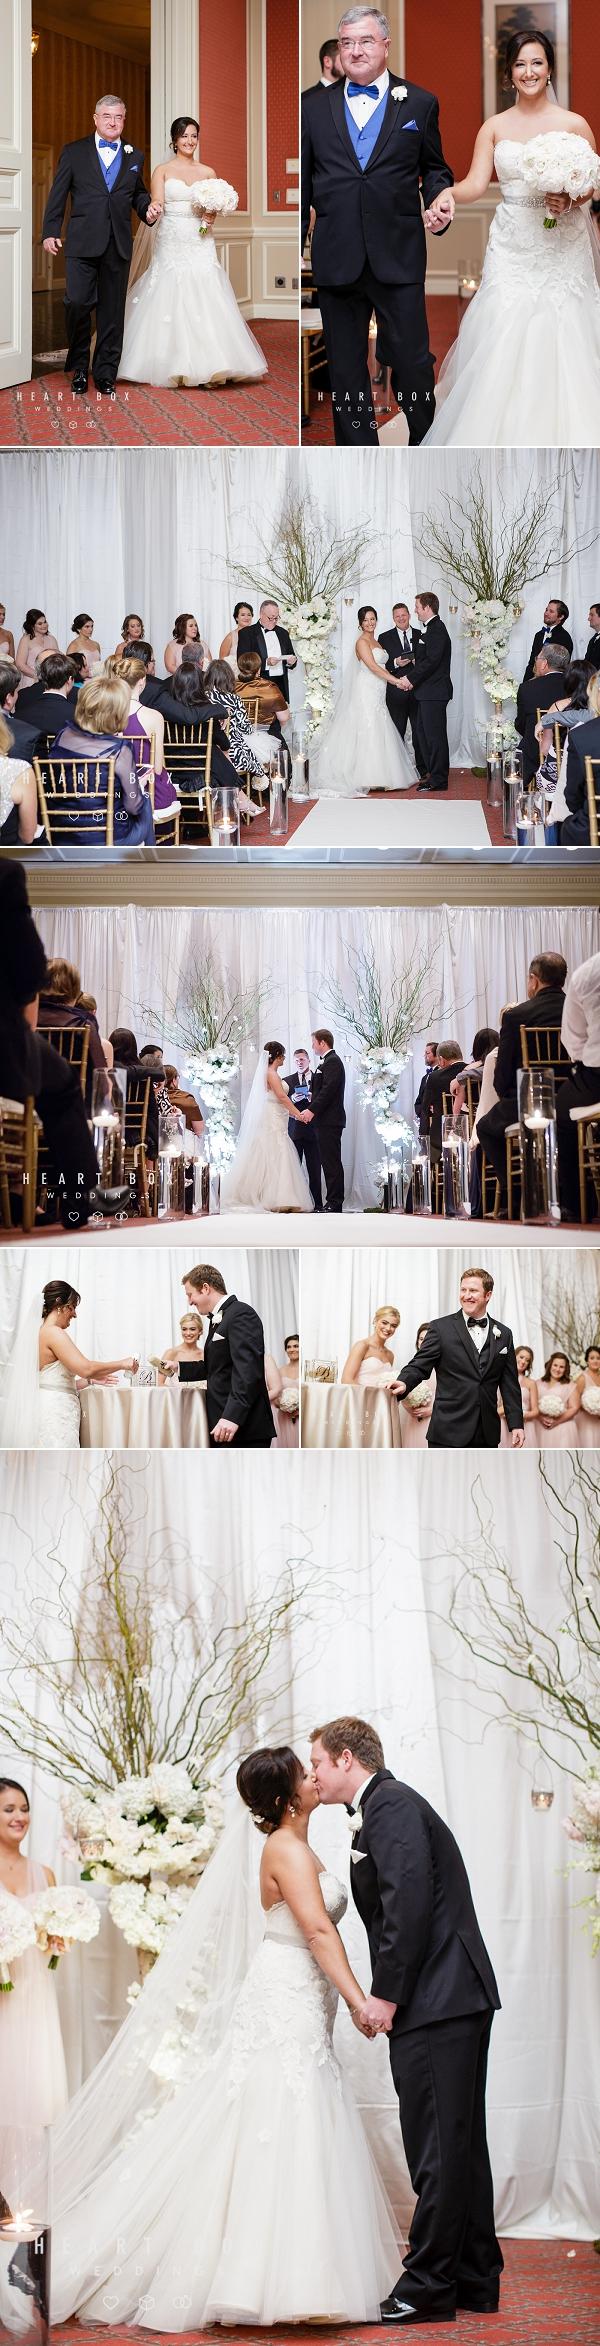 Wedding Photography Fort Worth Club